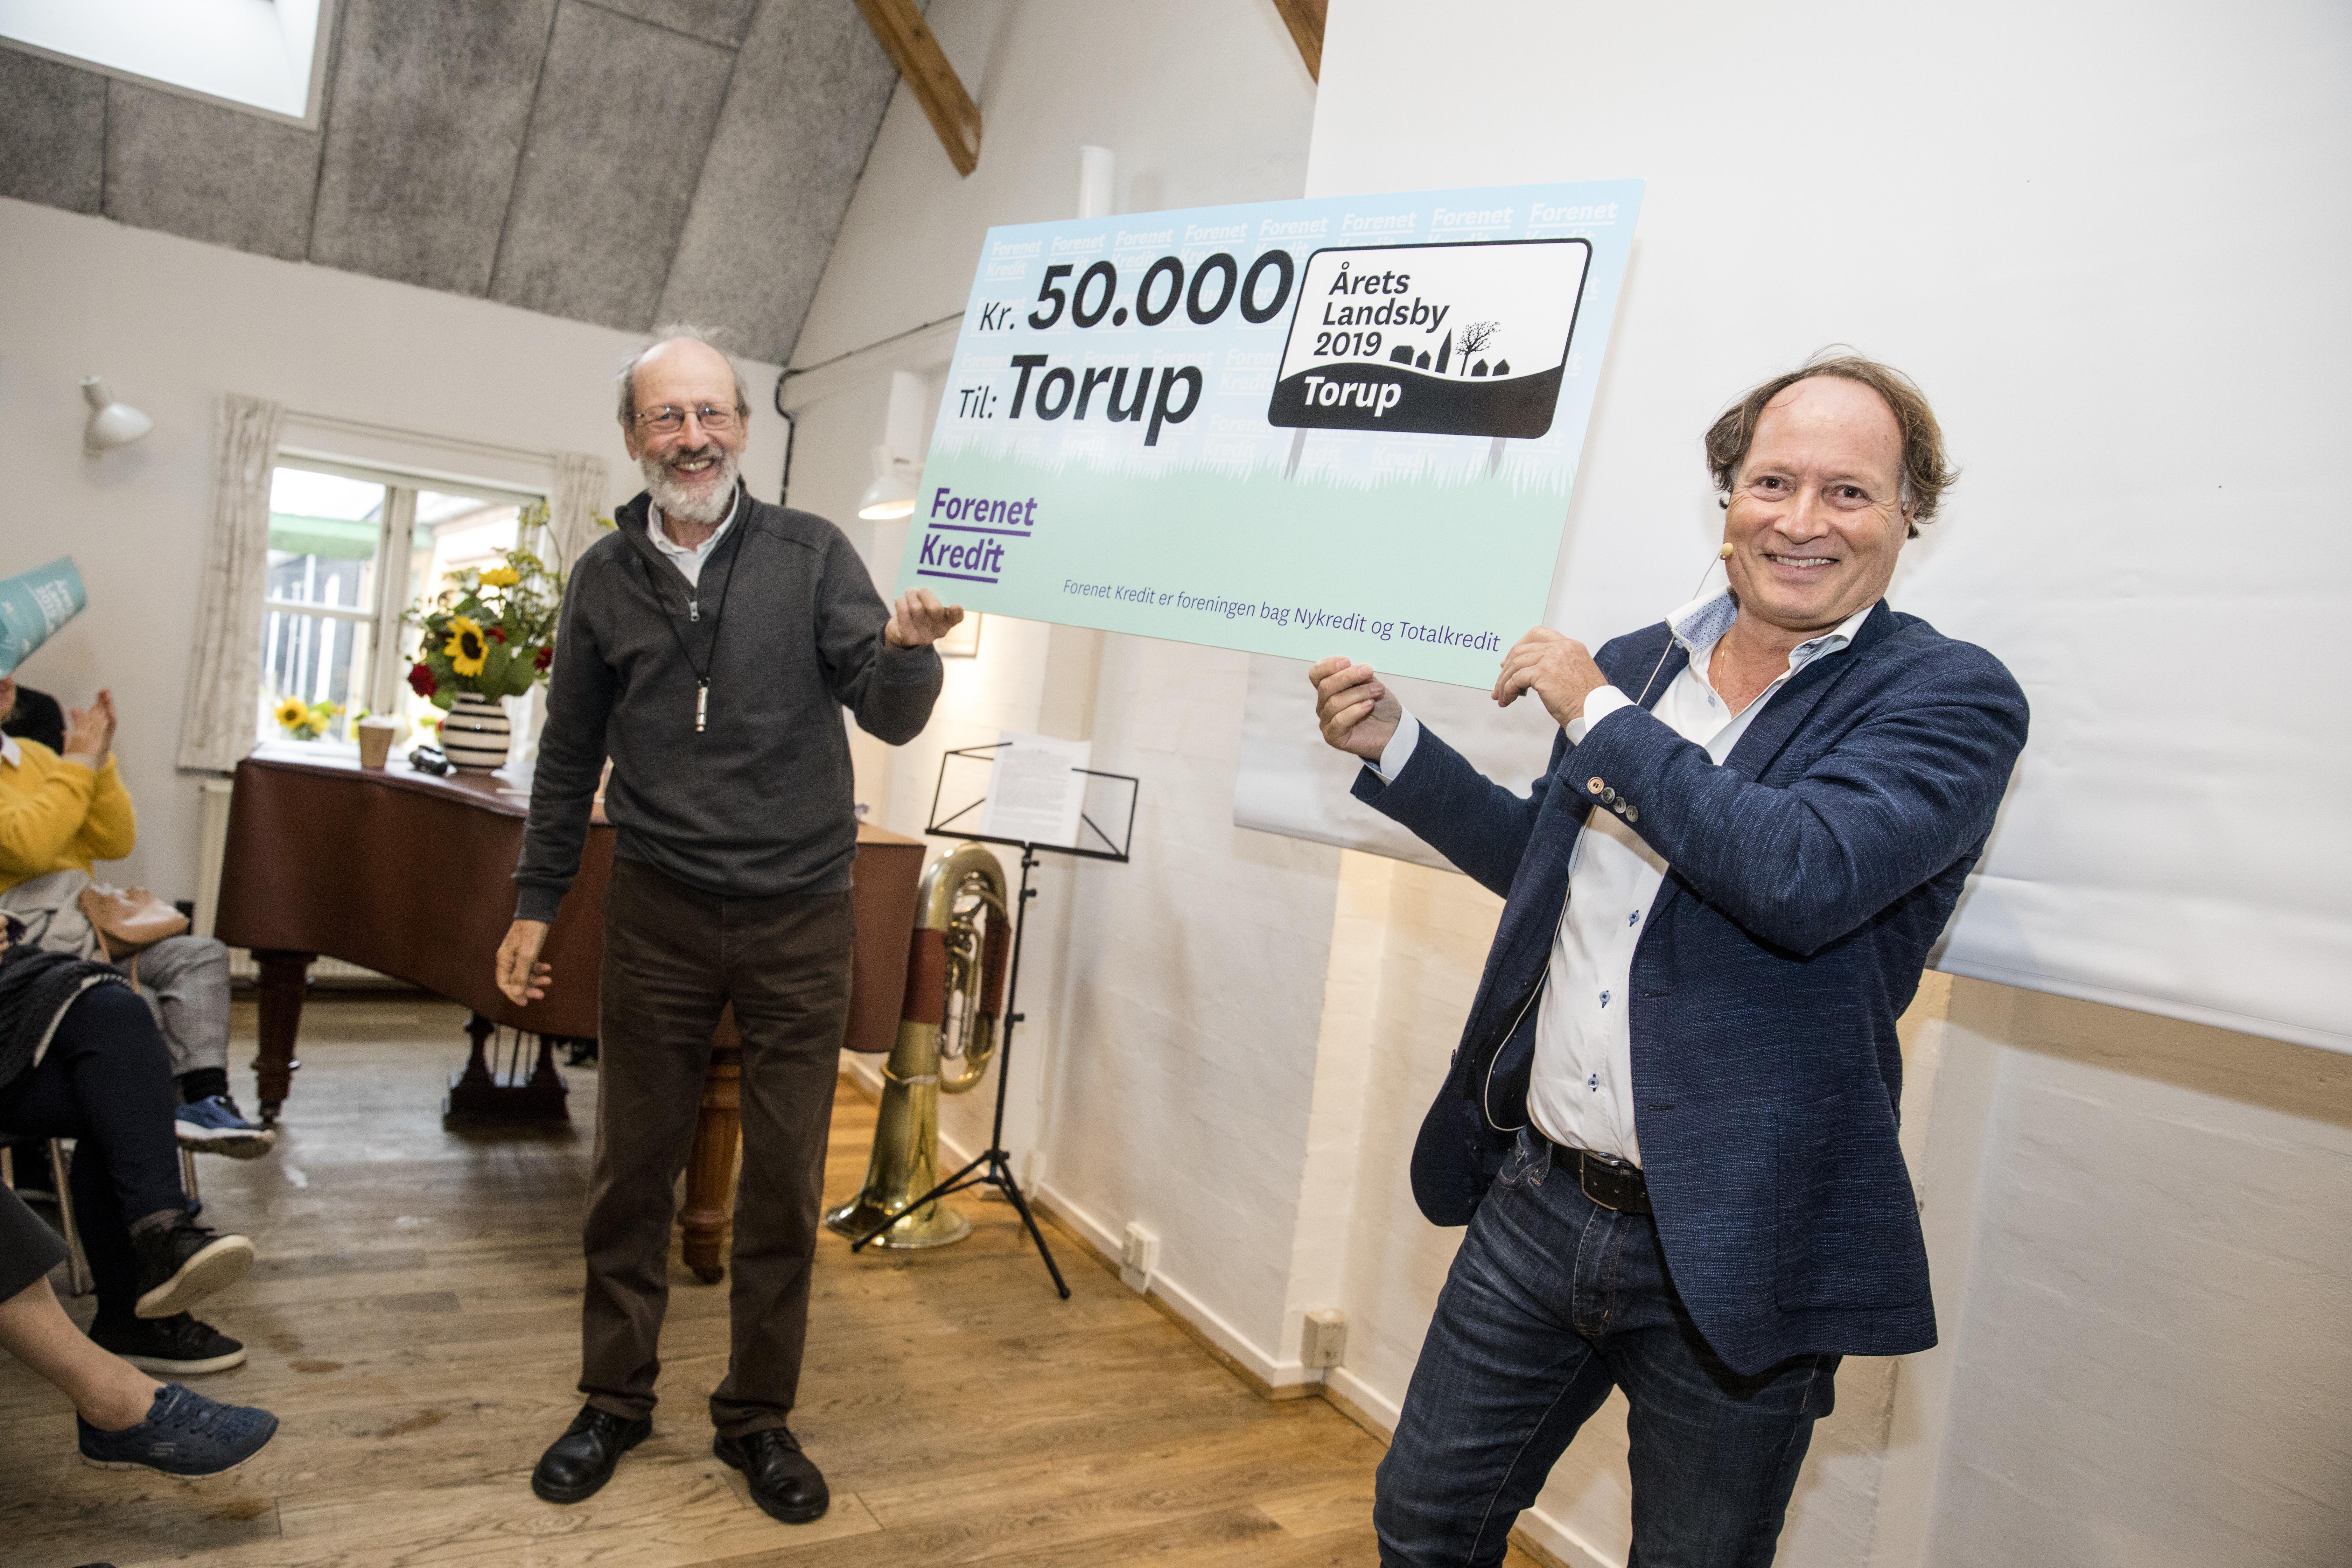 Årets Landsby 2019 - Michael Demsitz overrækker prisen til Torup